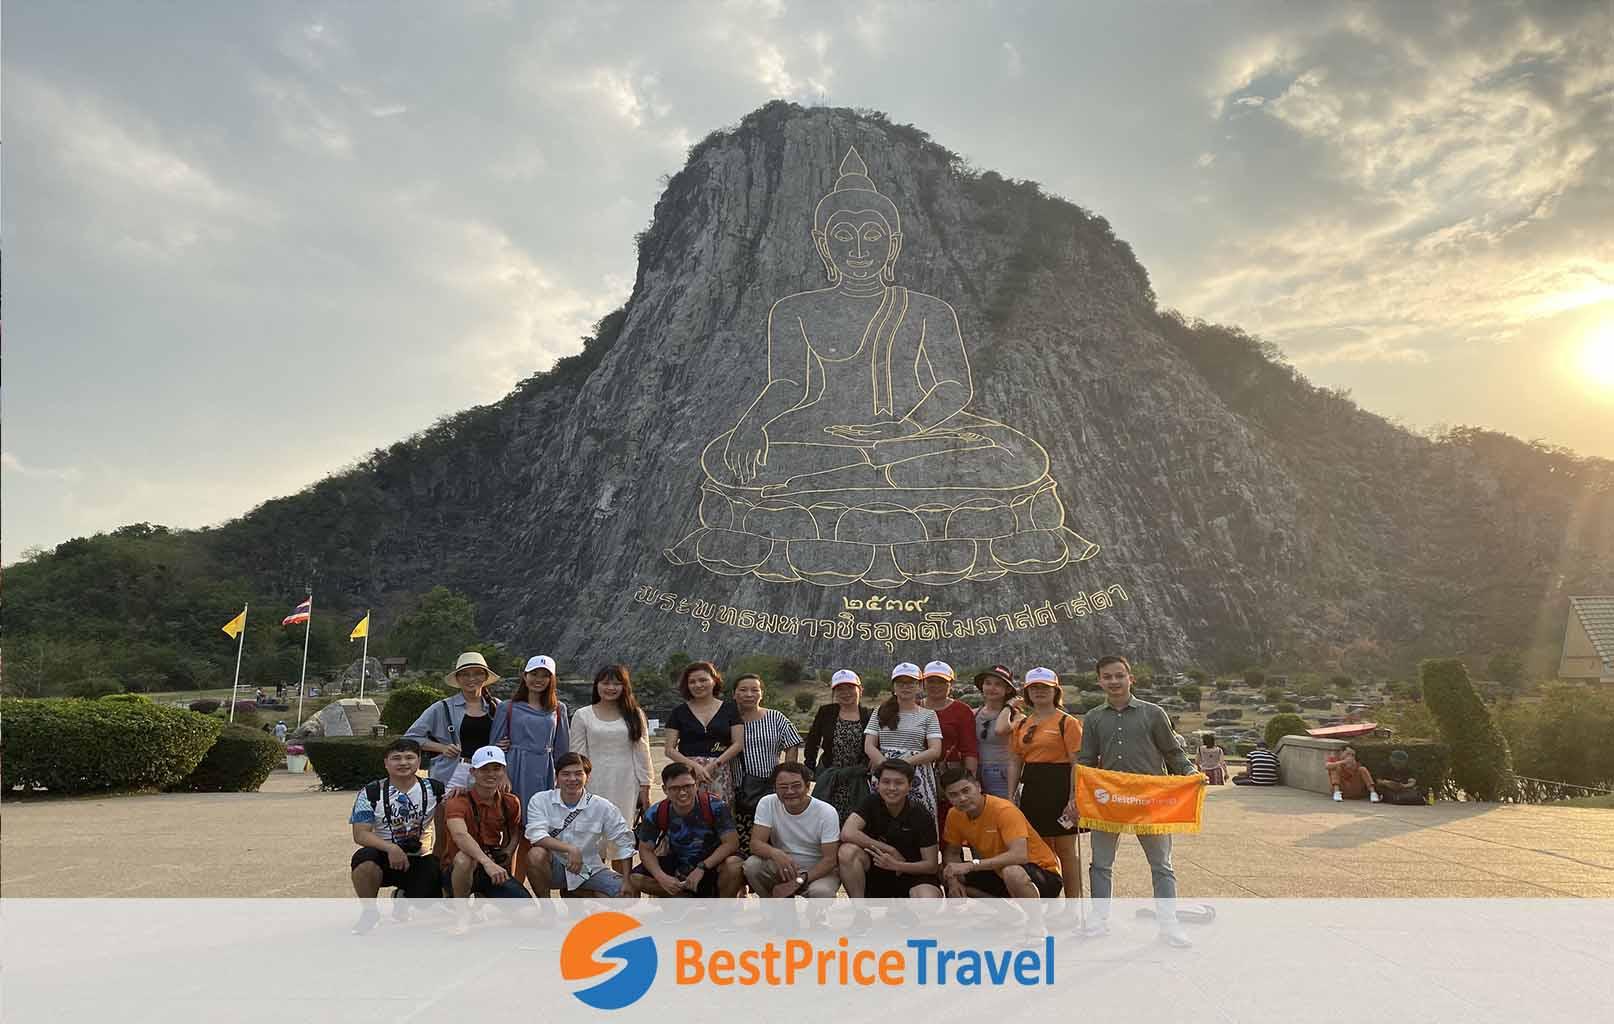 Tham quan Khao Chee Chan - Trân Bảo Phật Sơn